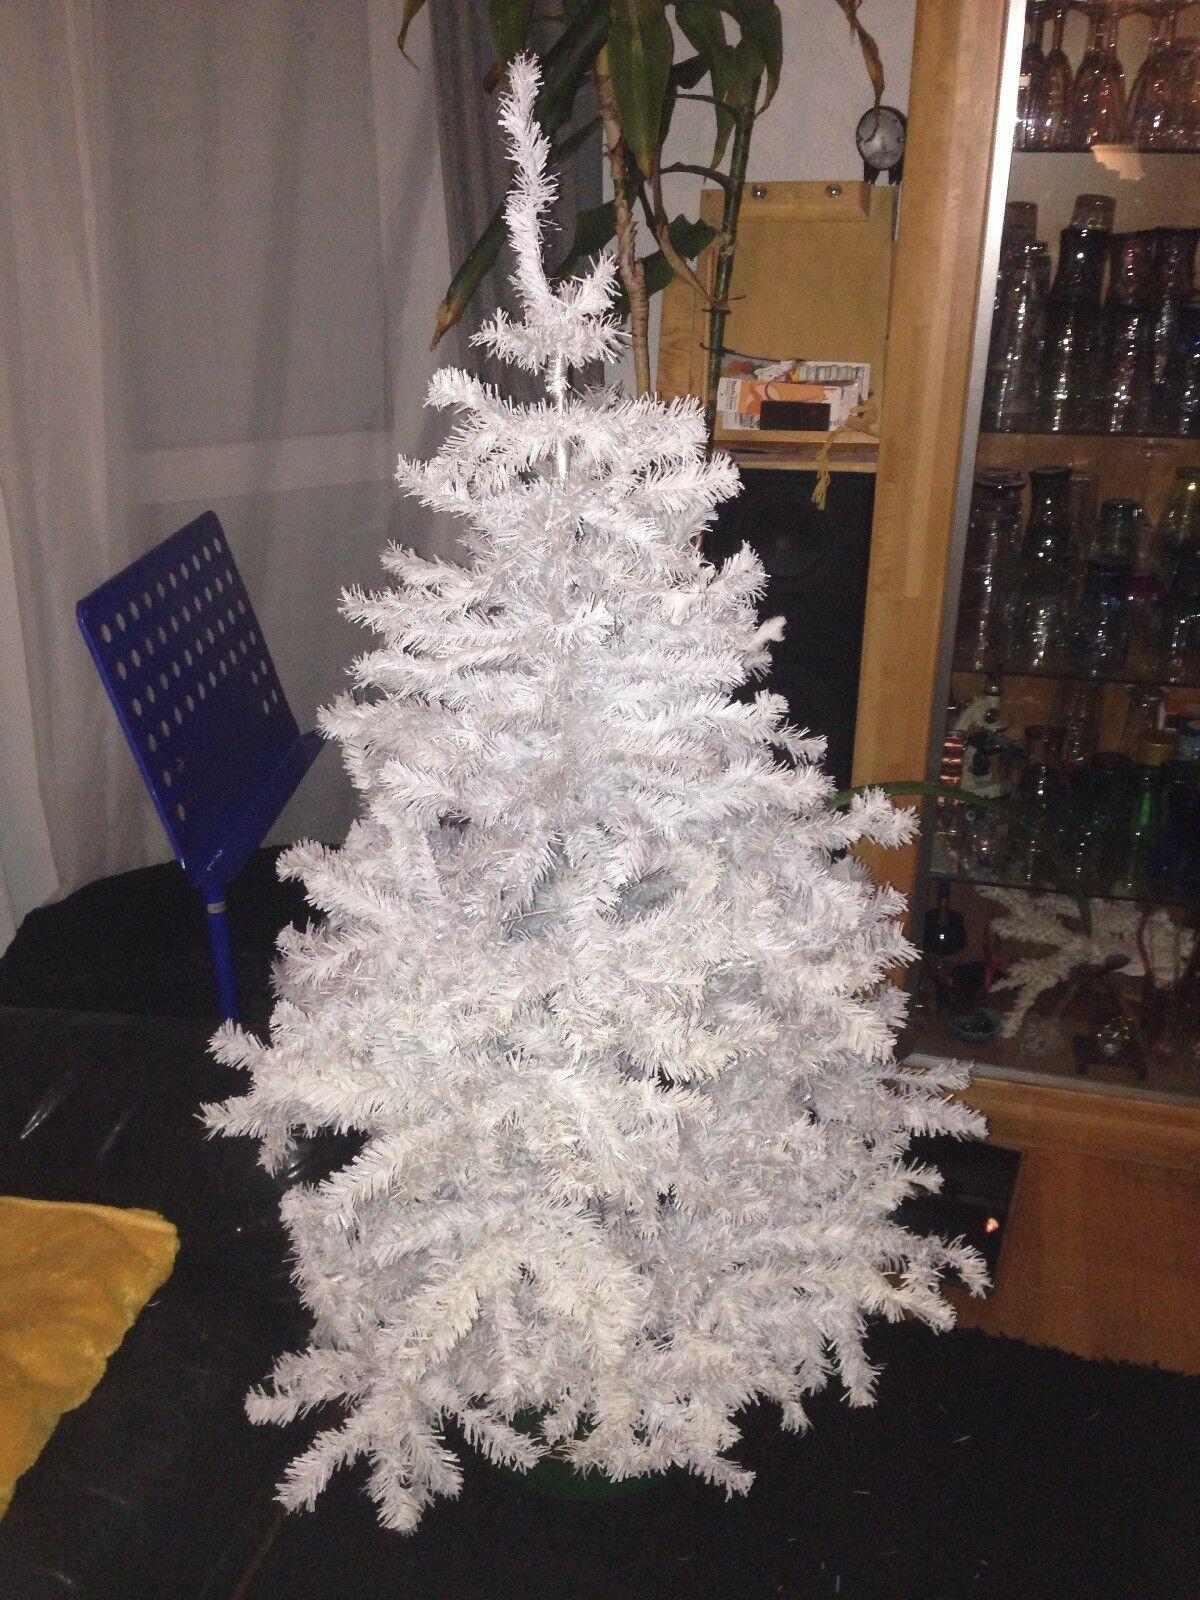 Künstlicher Weihnachtsbaum 150 Cm.Künstlicher Weihnachtsbaum Weihnachtsbaum Weihnachtsbaum Weiß 150 Cm